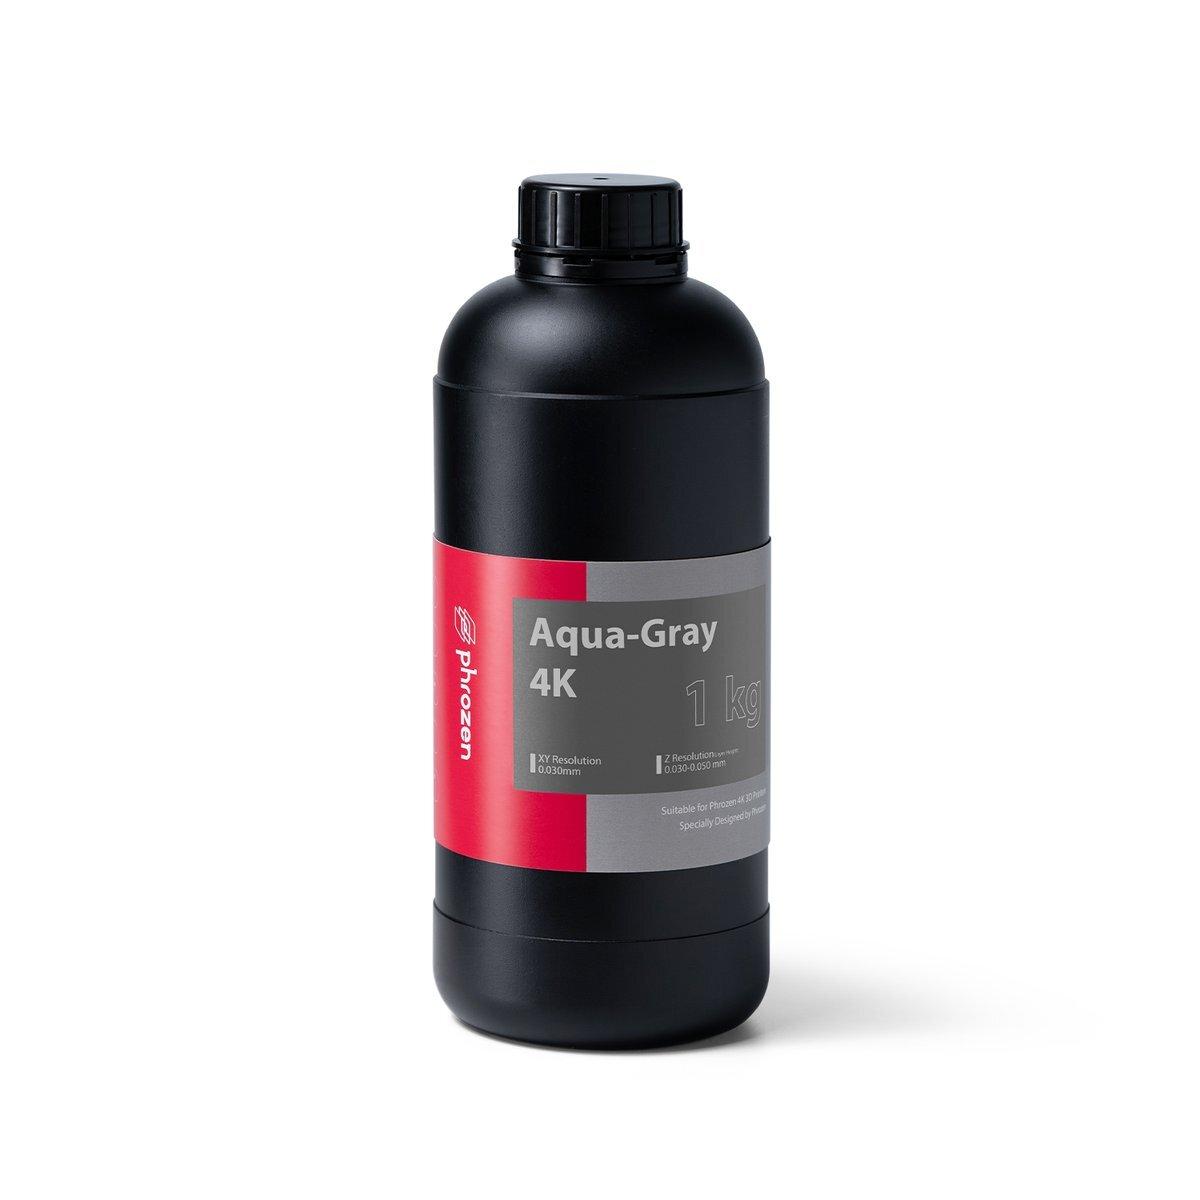 Phrozen Aqua-Gray 4K 1KG